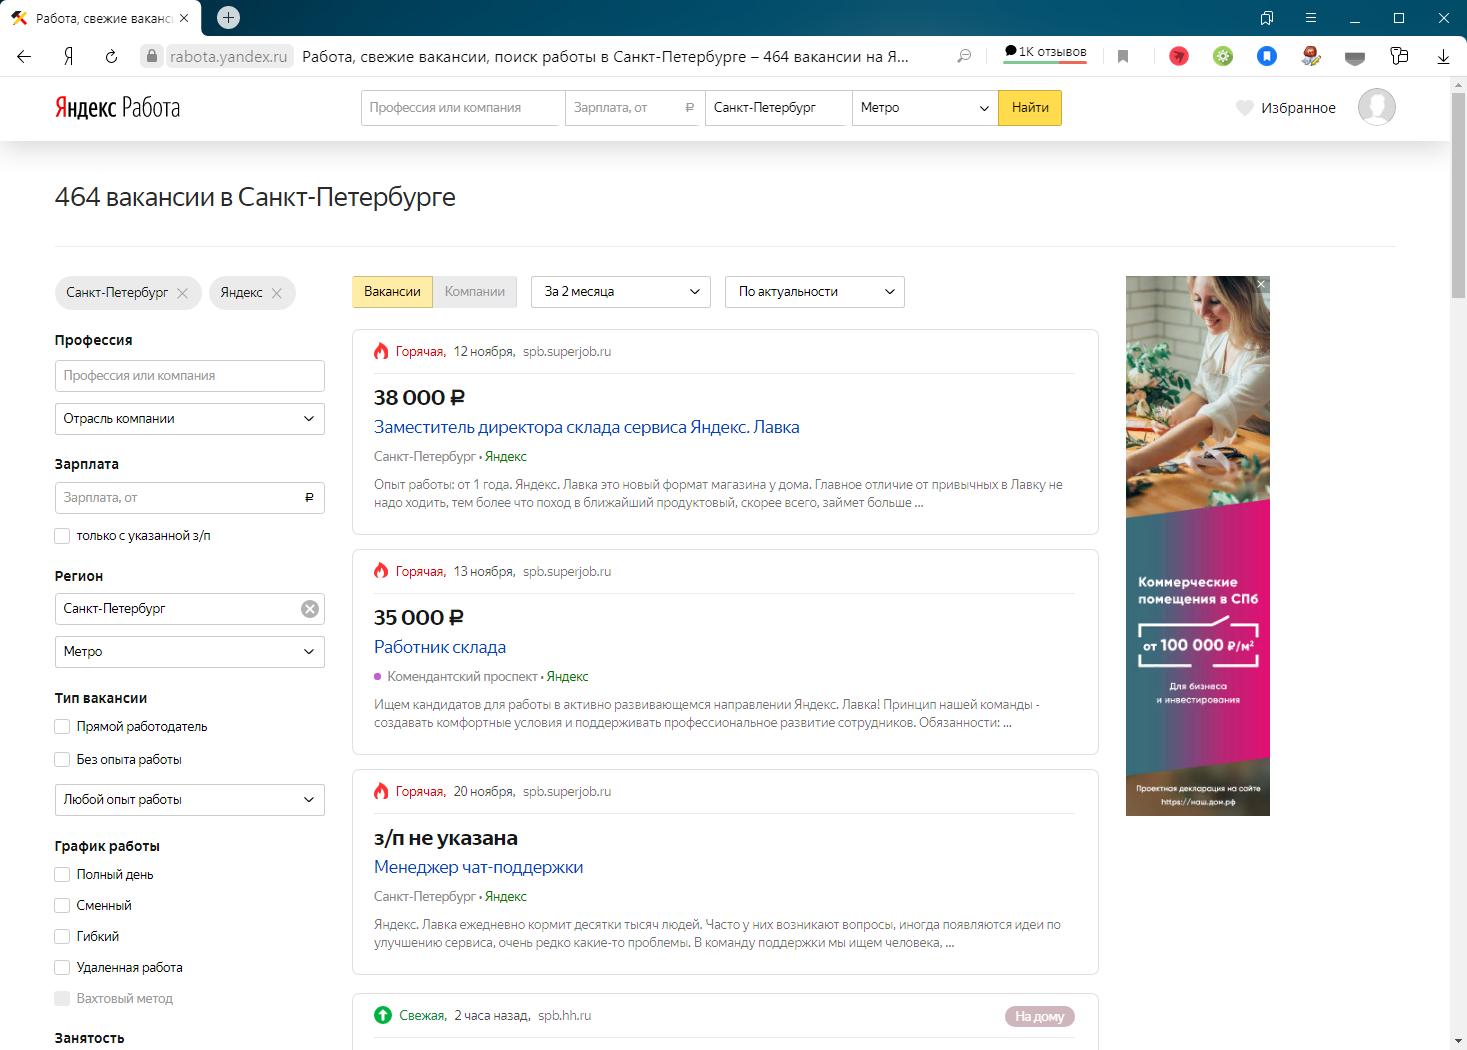 Просмотр открытых вакансий выбранной компании в интернет-агрегаторе вакансий Яндекс.Работа